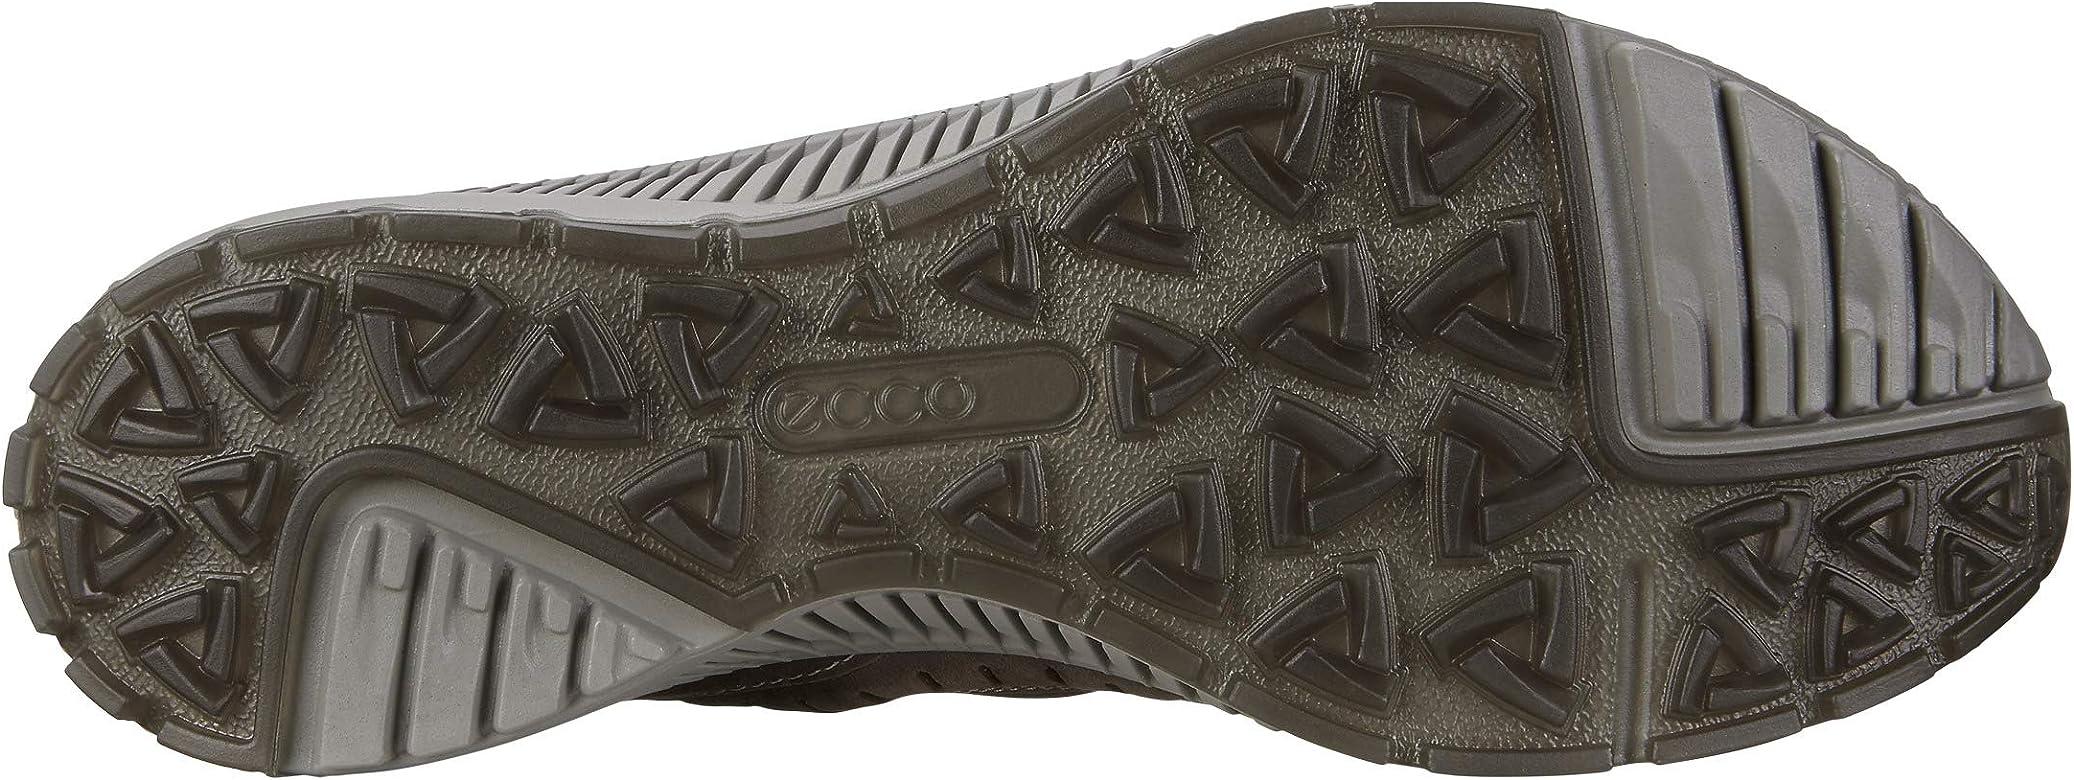 ECCO Men's TERRAWALK Hiking Shoe